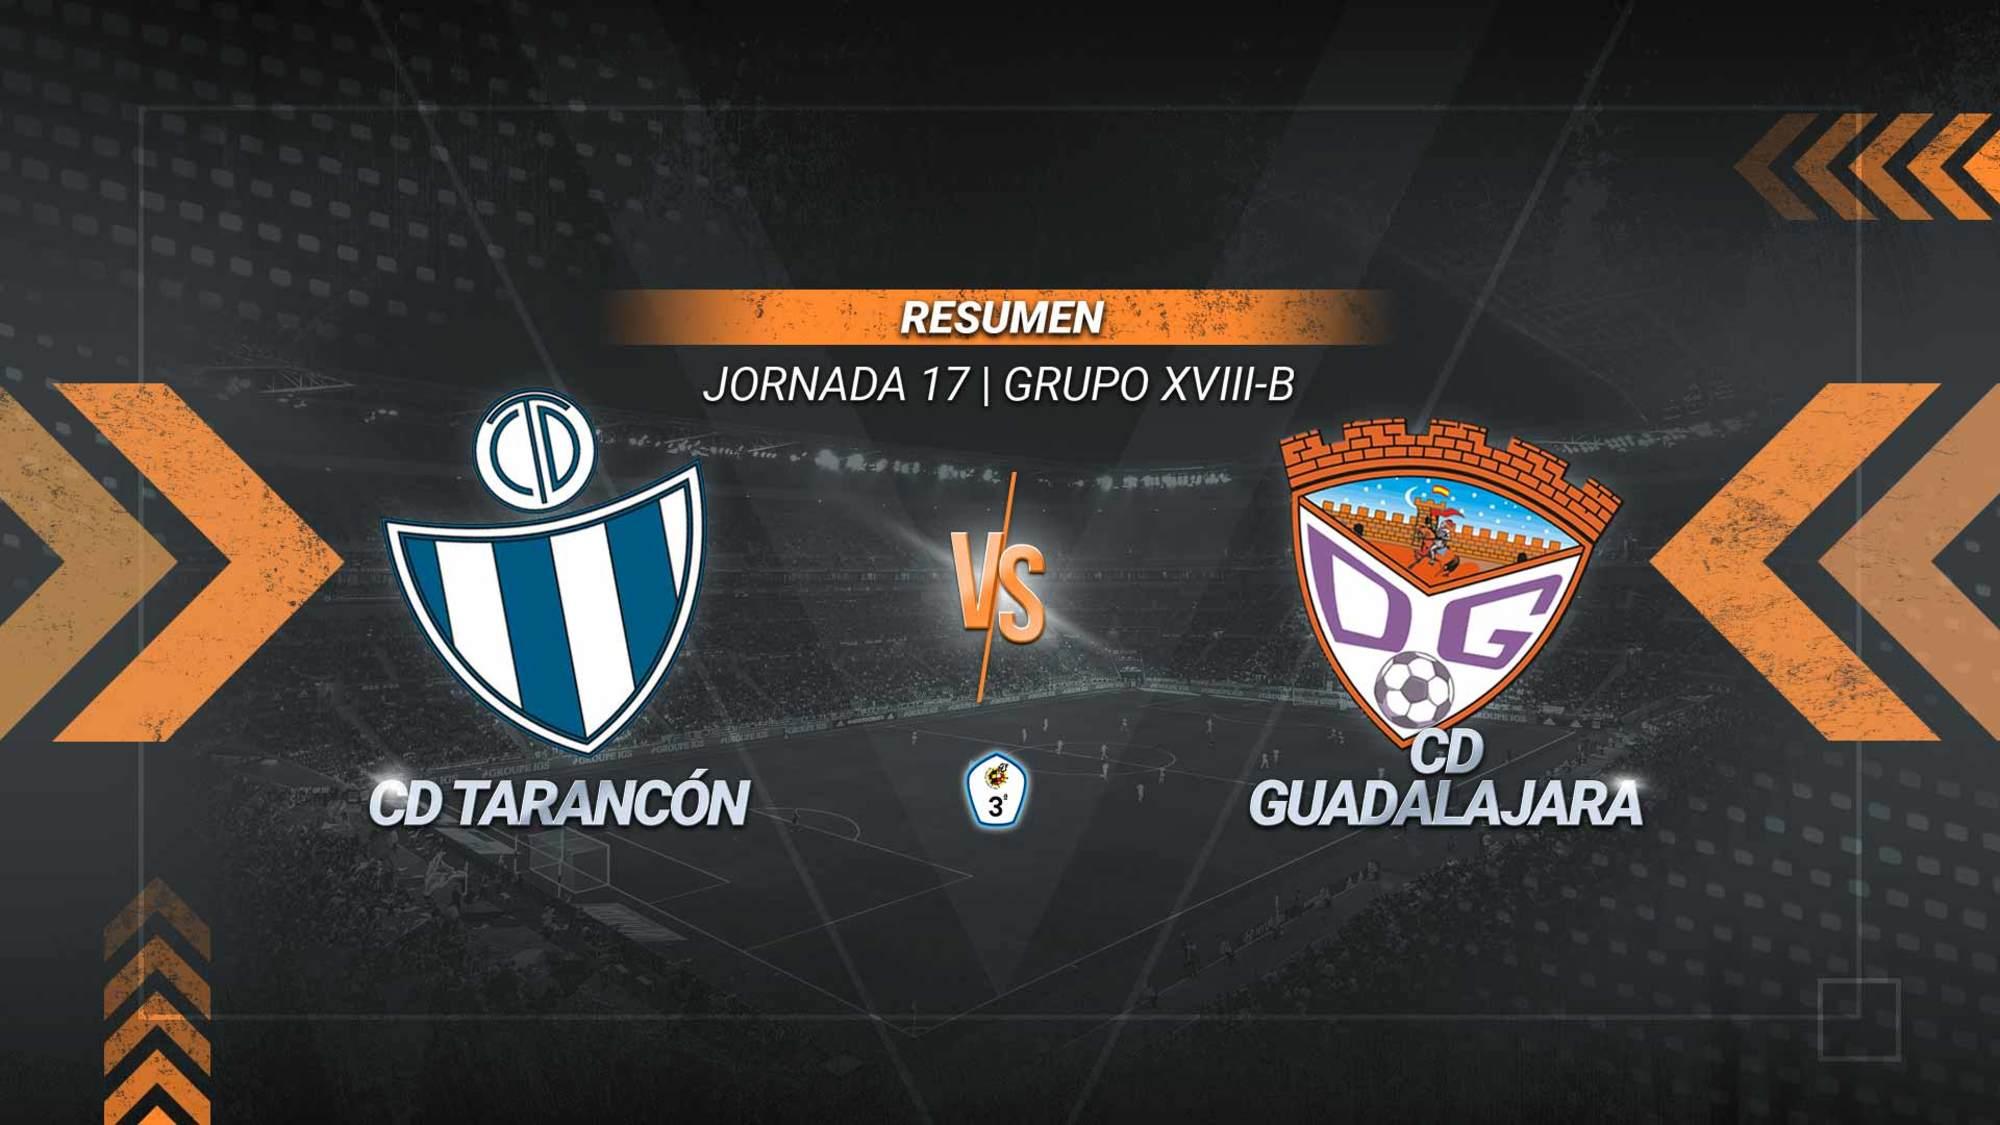 El Guadalajara remonta en un duelo directo ante el Tarancón y le quita la segunda plaza. Un gol de Sergio Pérez en el 90' le dio los tres puntos a los alcarreños, que dejan atrás dos derrotas consecutivas y alcanzan los 27 puntos. Los taranconeros se quedan con 25.